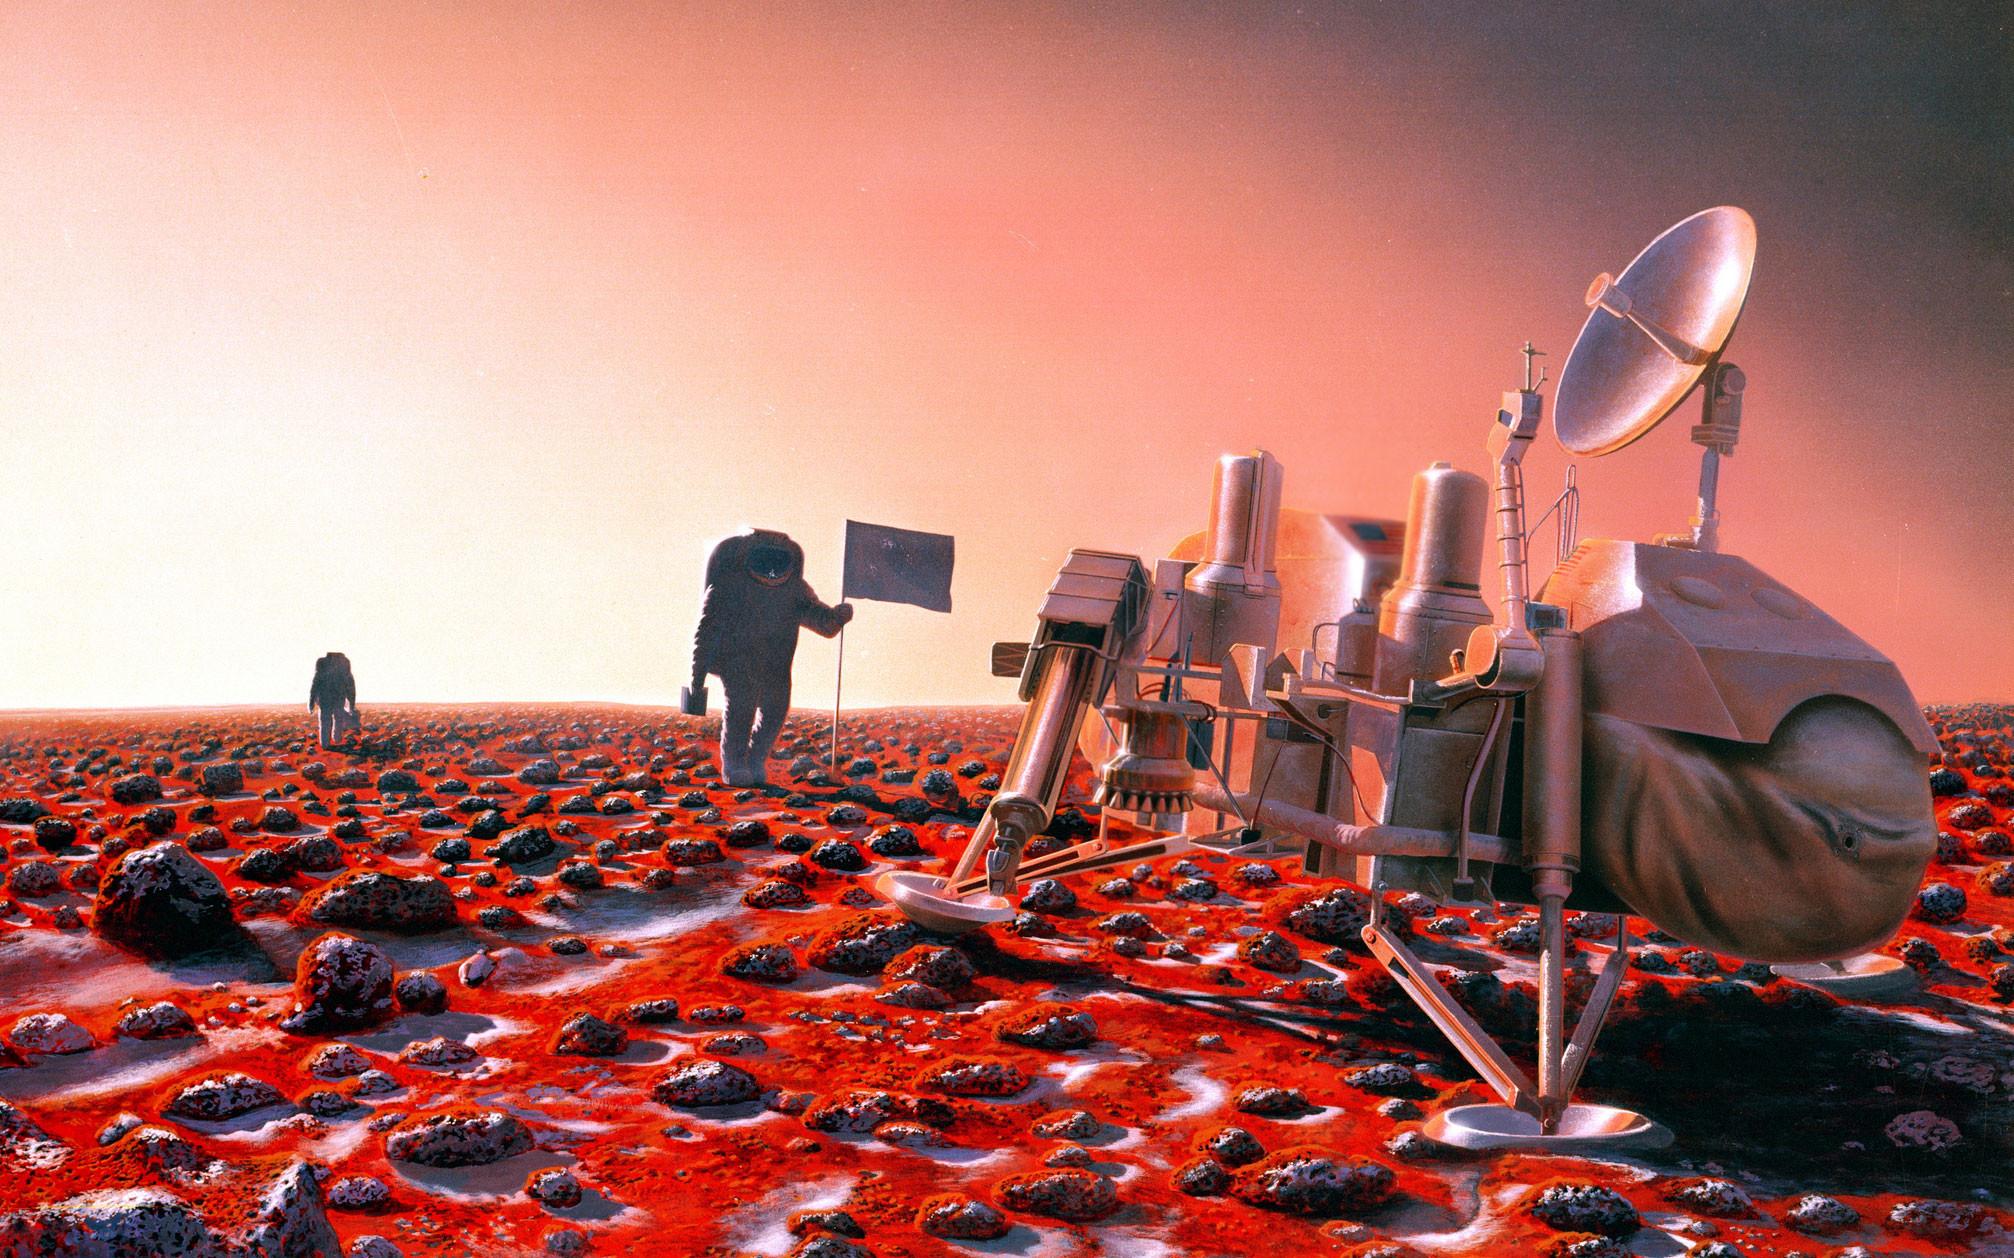 жизнь на других планетах интересные факты фото что она легче